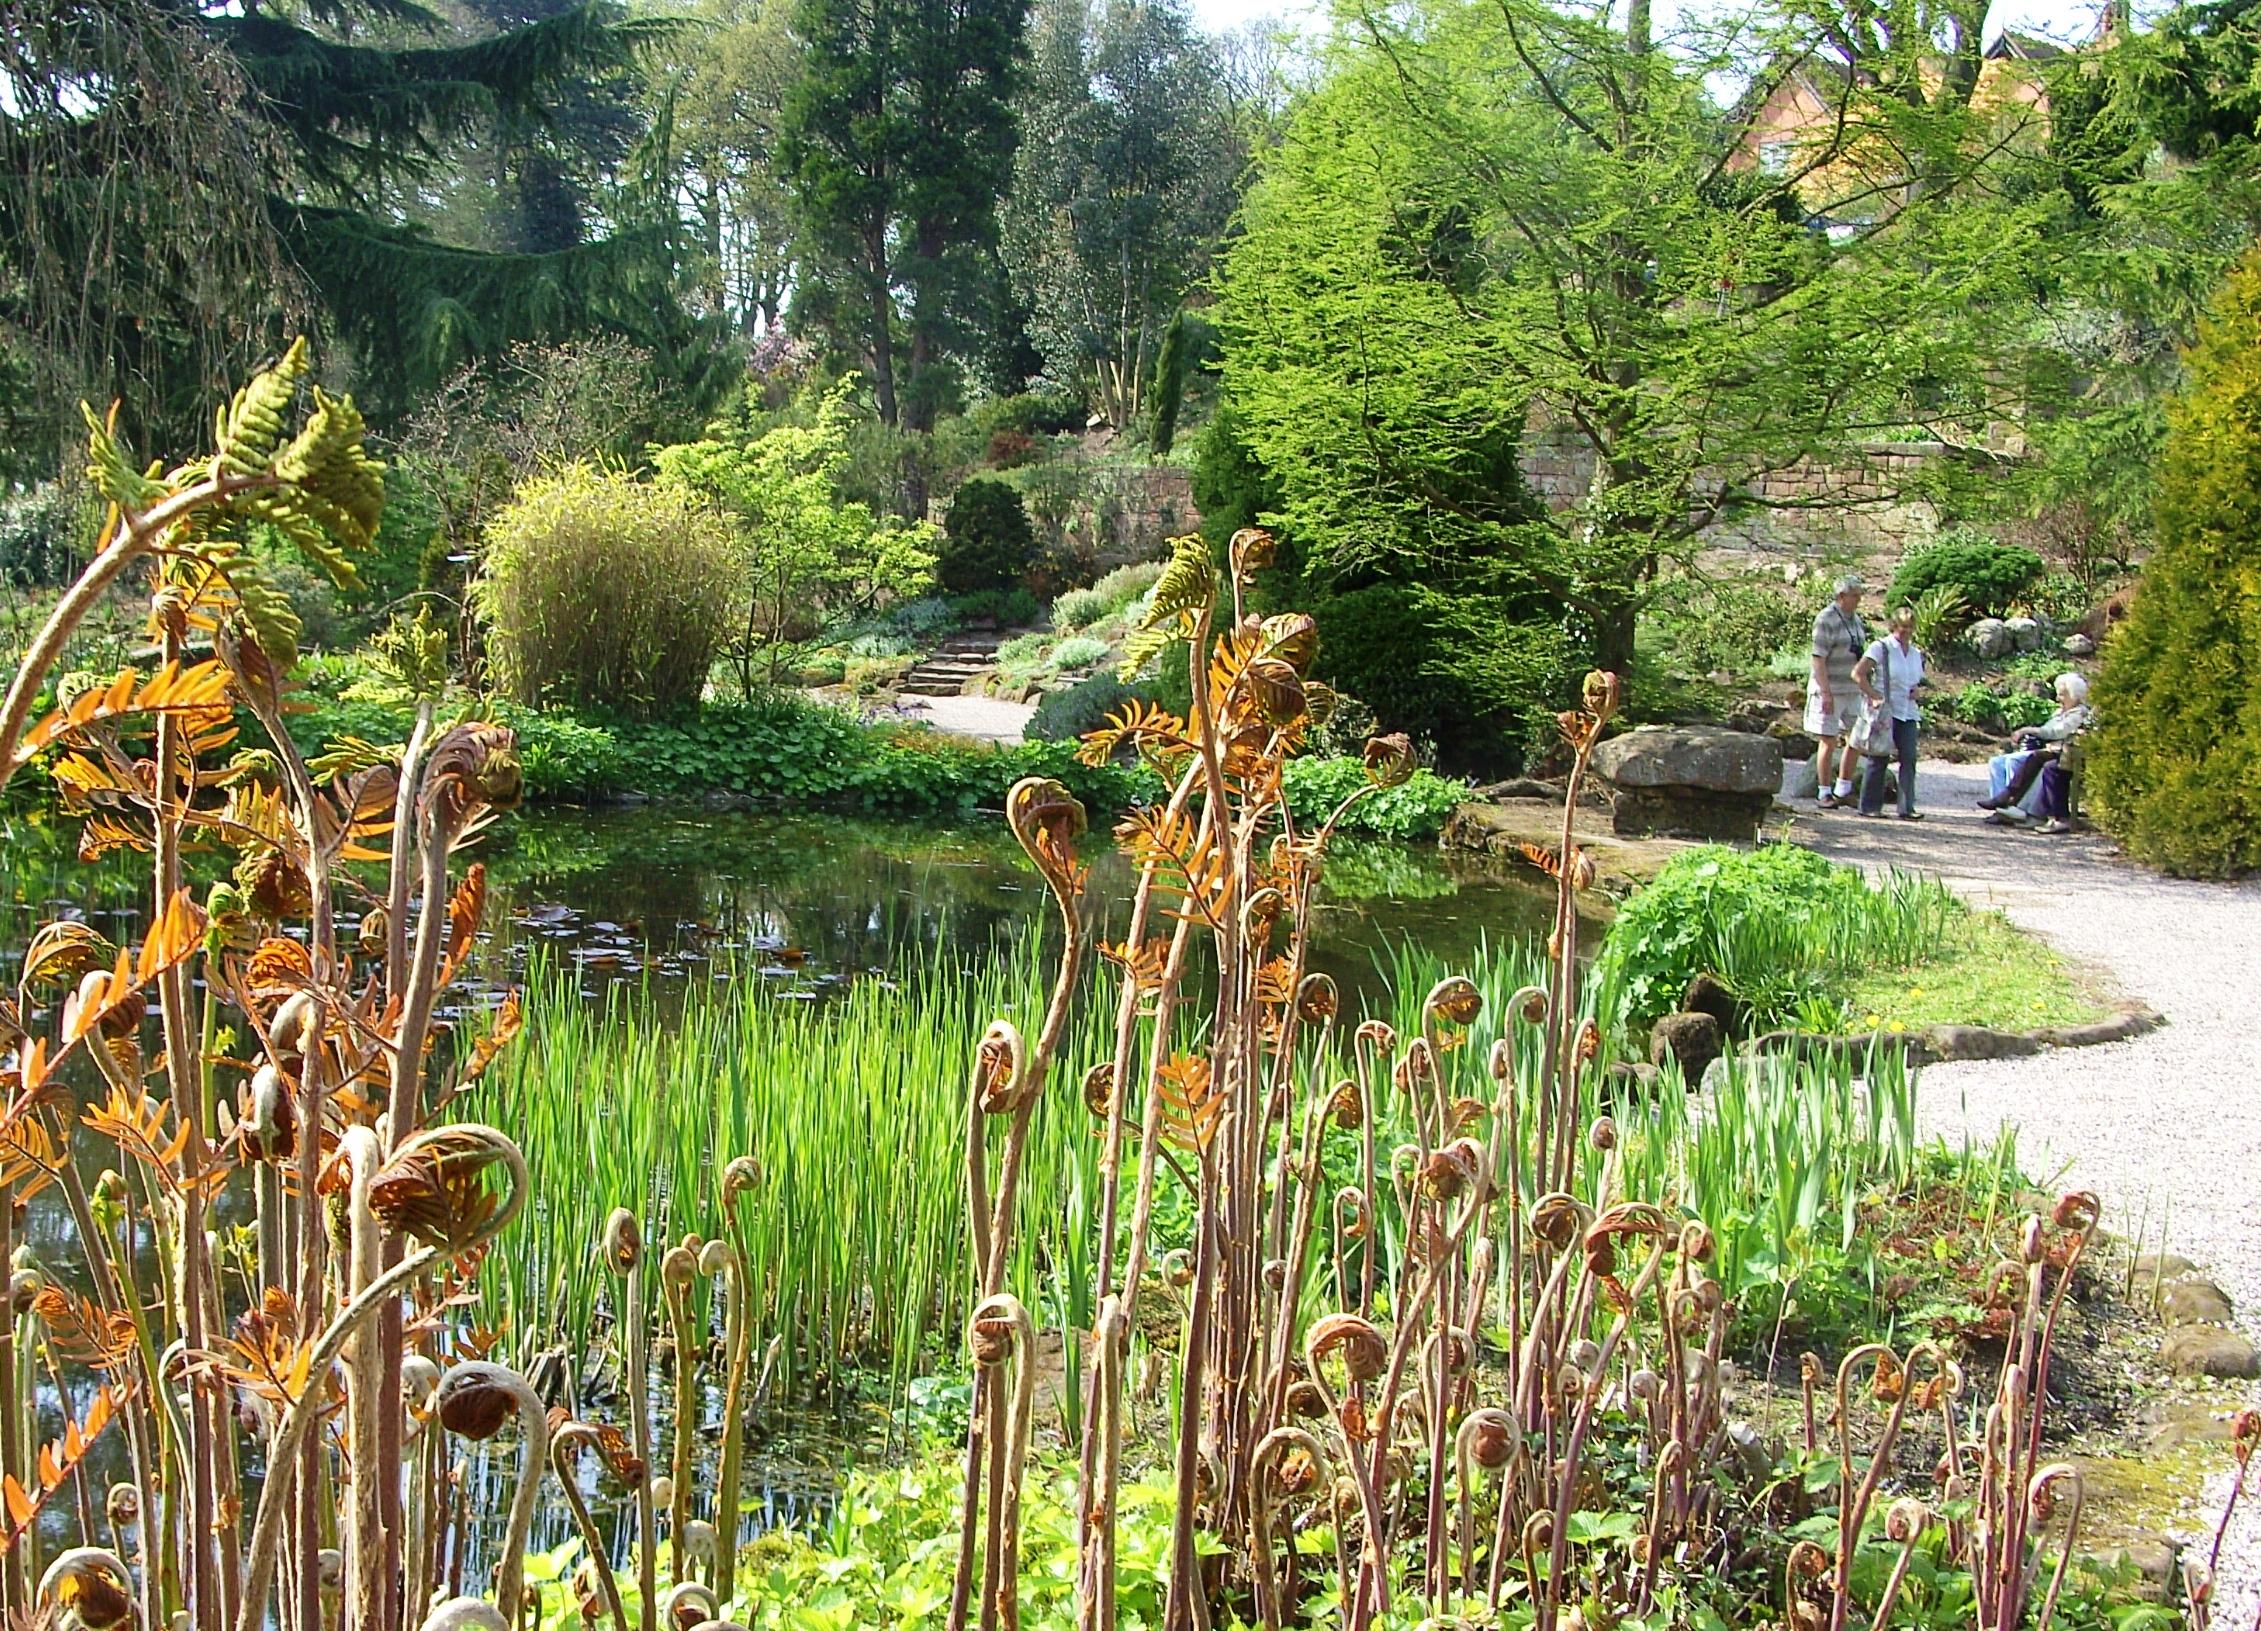 Biophilia at Ness Botanic Gardens, Cheshire